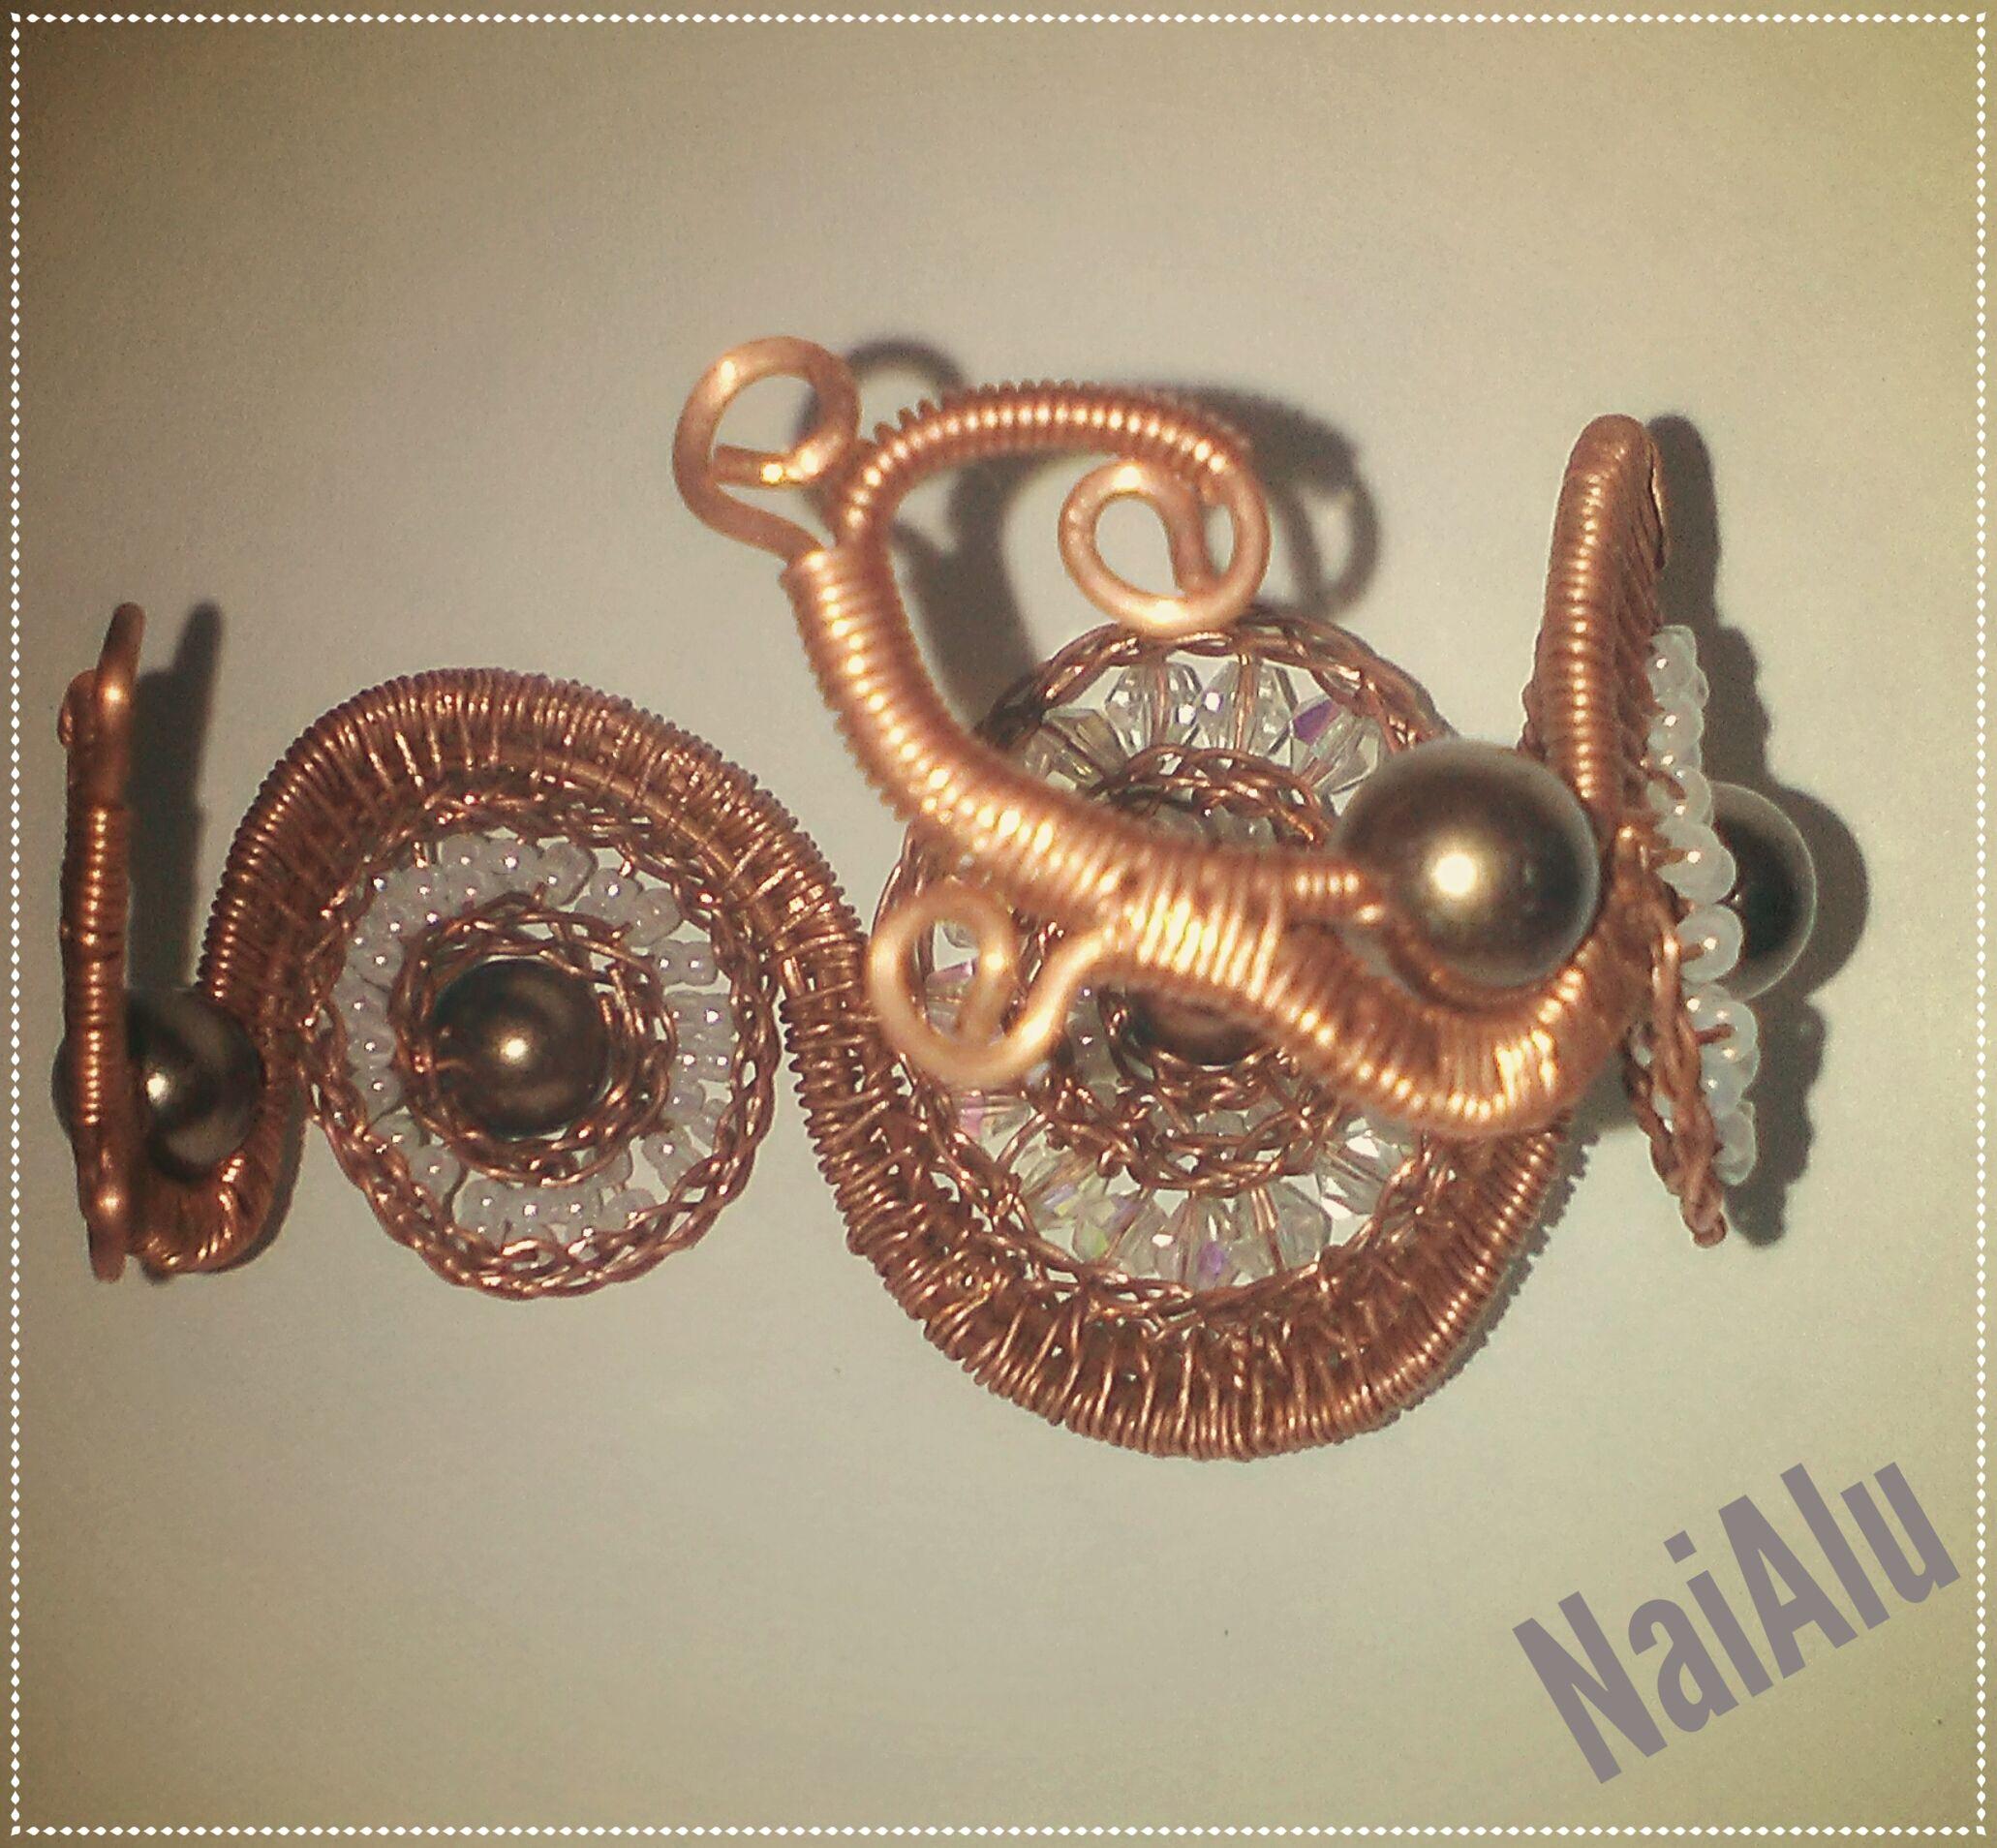 браслет имитациястарины украшение